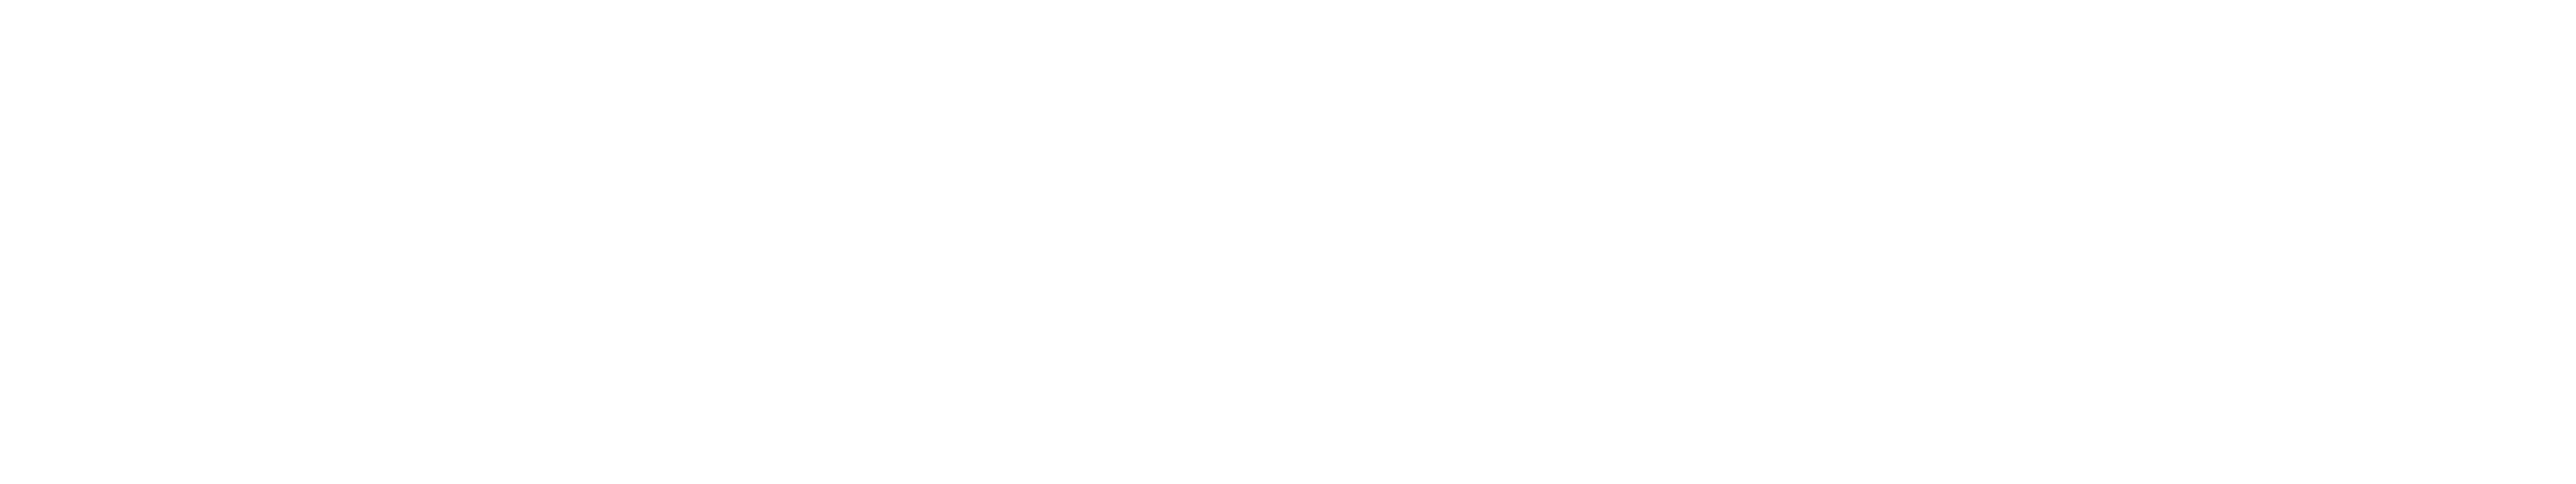 StartupUnique